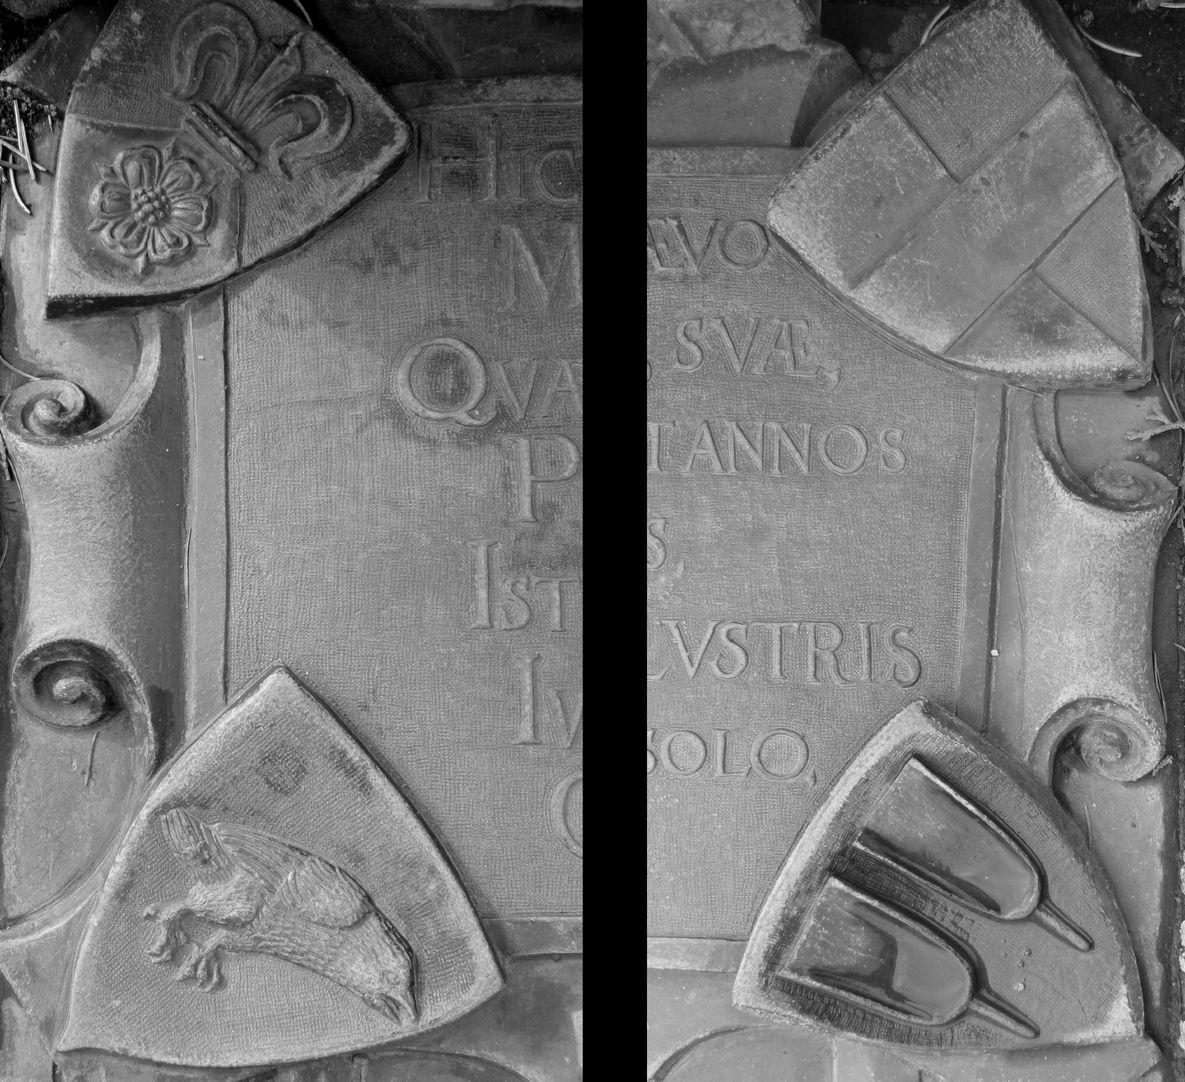 Alexius Müntzer von Bamberg (gest.1537) und Katharina Eisen (gest.1552) Wappen der lateinischen Inschrift